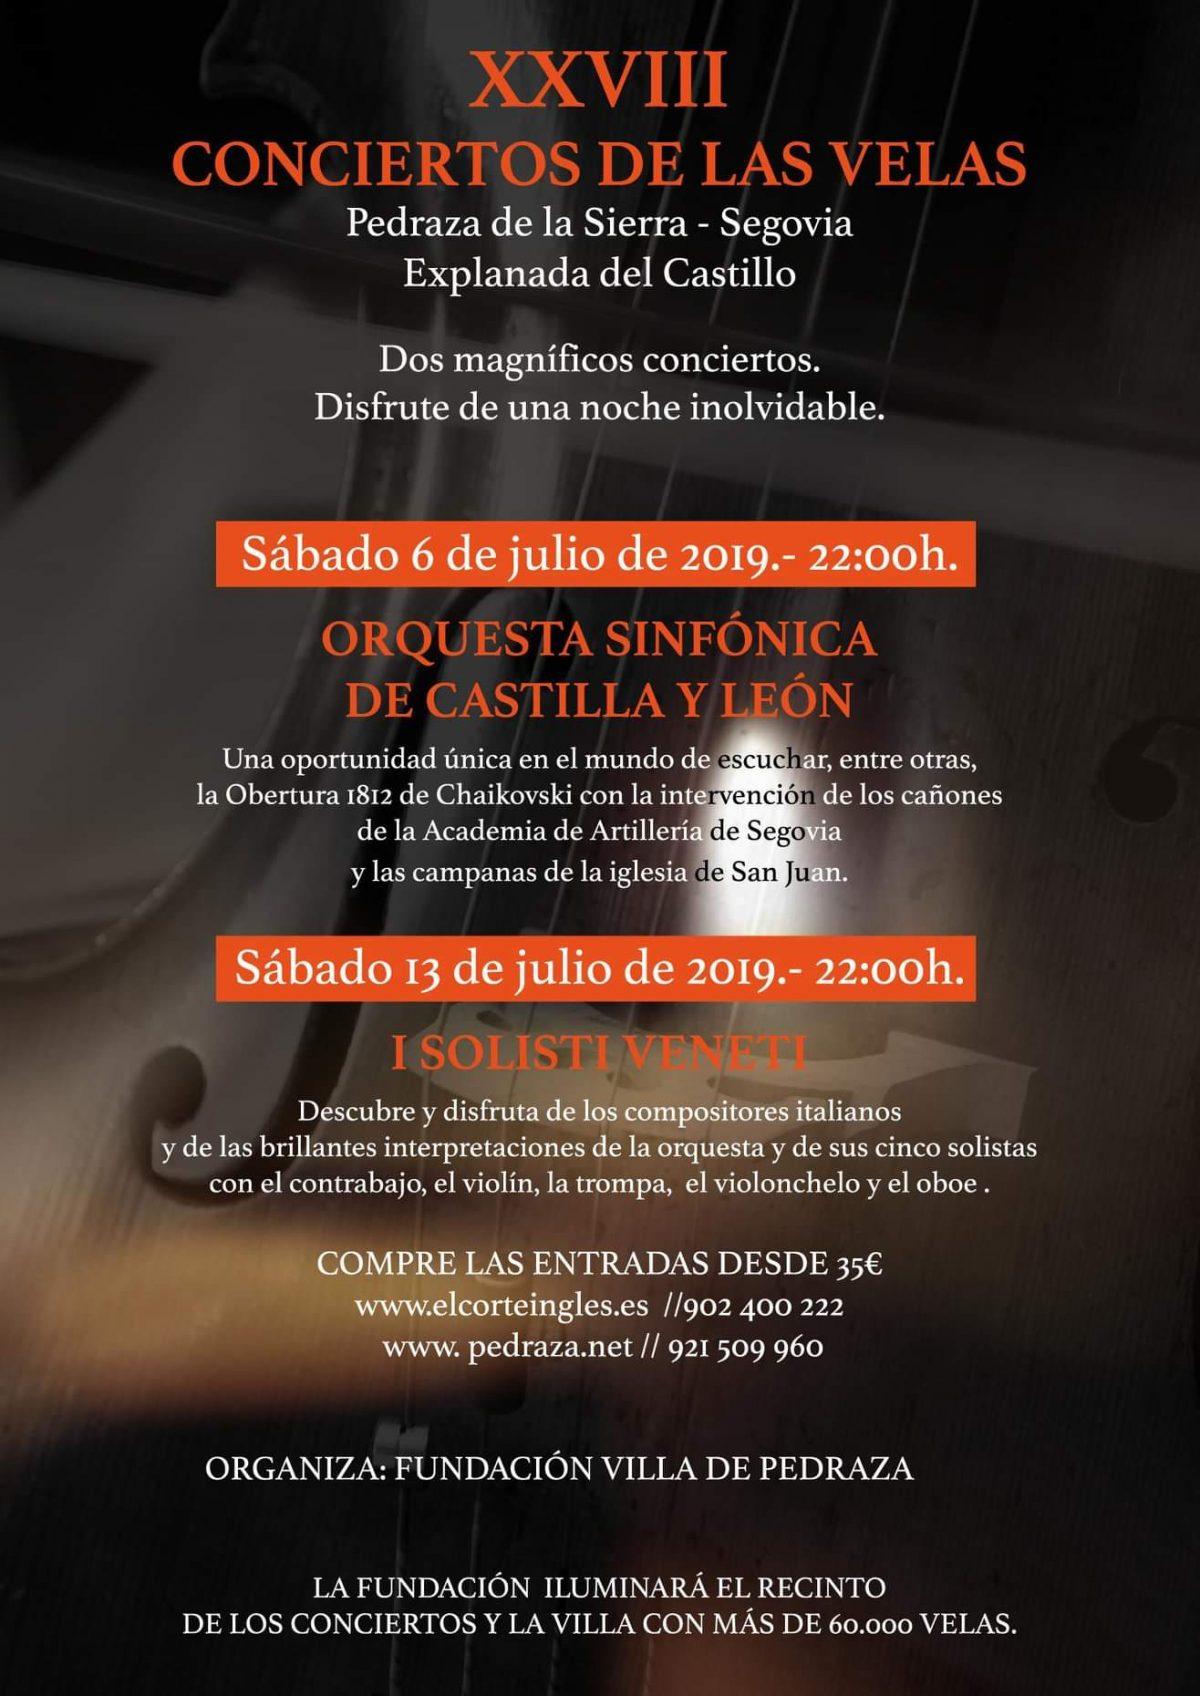 Conciertos de las velas de Pedraza 2019. Programa